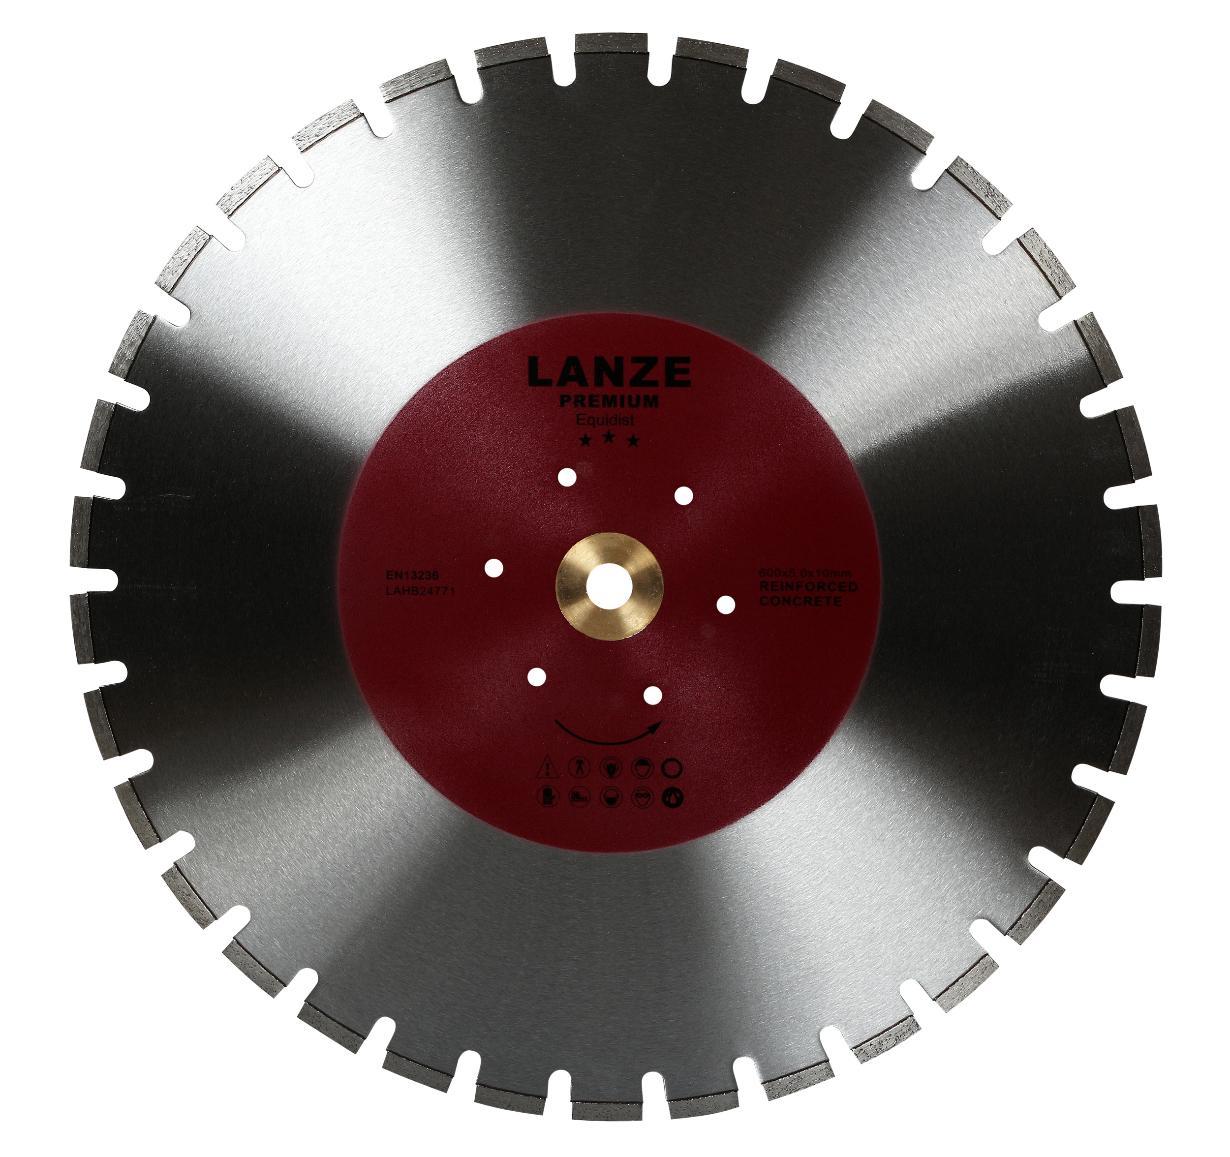 Диски по алюминию для болгарки: резка алюминиевого профиля отрезным кругом 125 мм. как резать диском 230 мм? выбор специальной шлифовальной модели